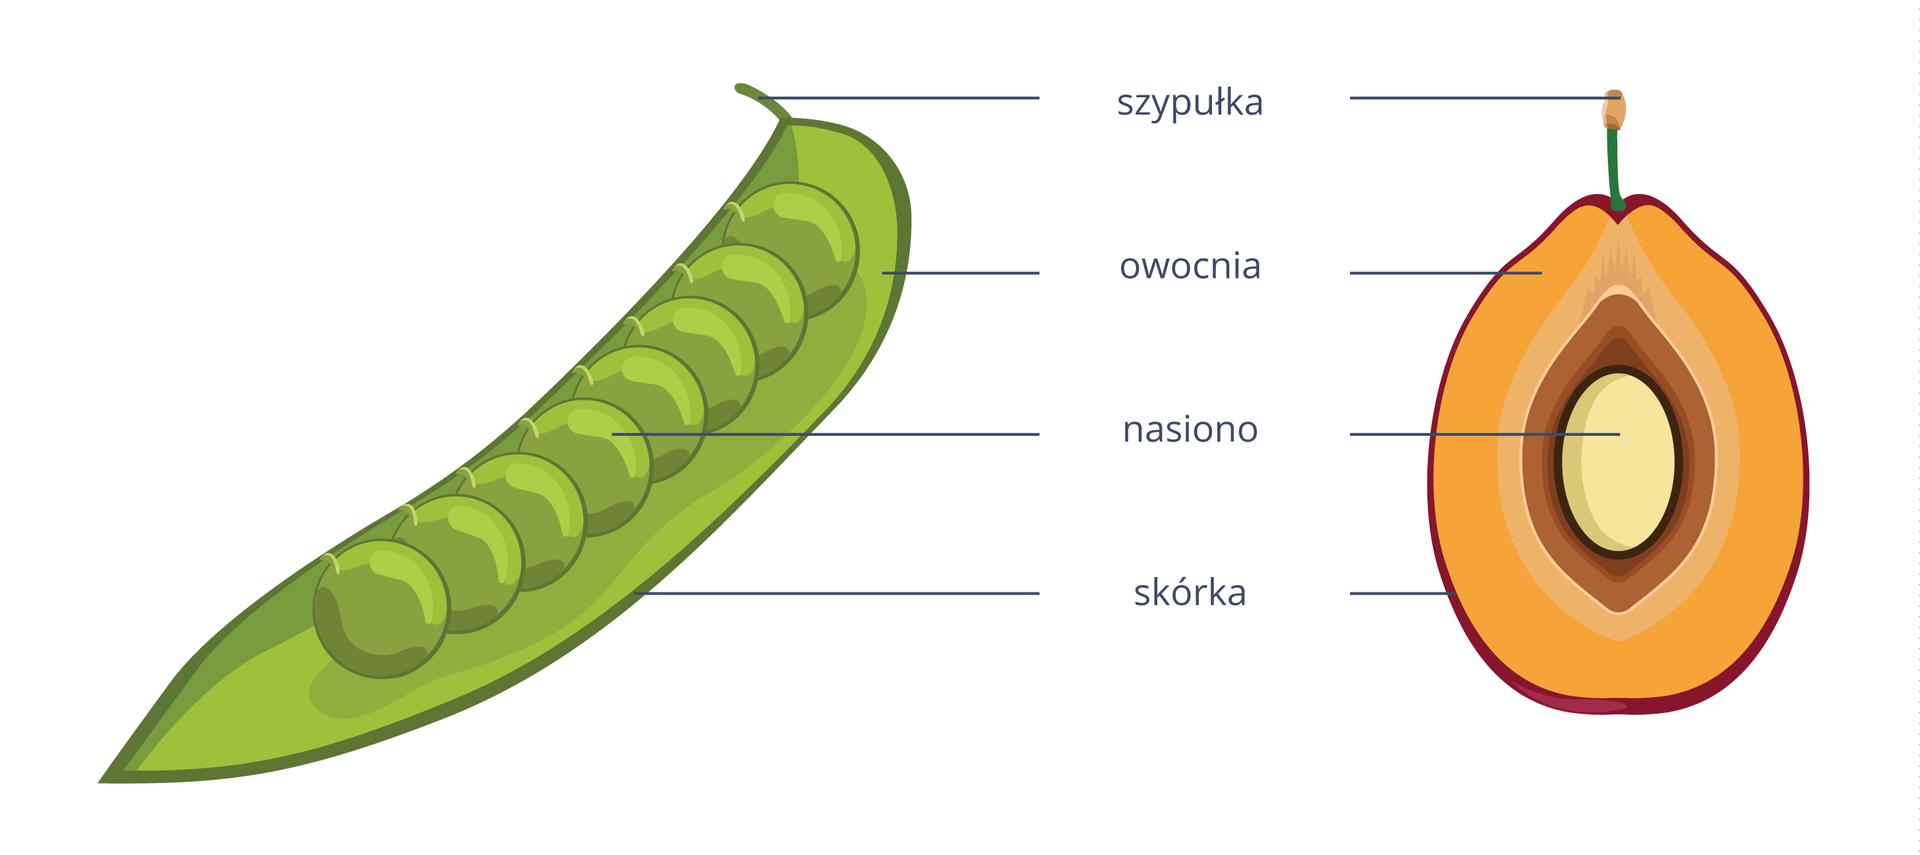 Ilustracja przedstawia dwa owoce: zielony strąk iżółto brązową śliwkę. Odpowiadające sobie części połączono ipodpisano.